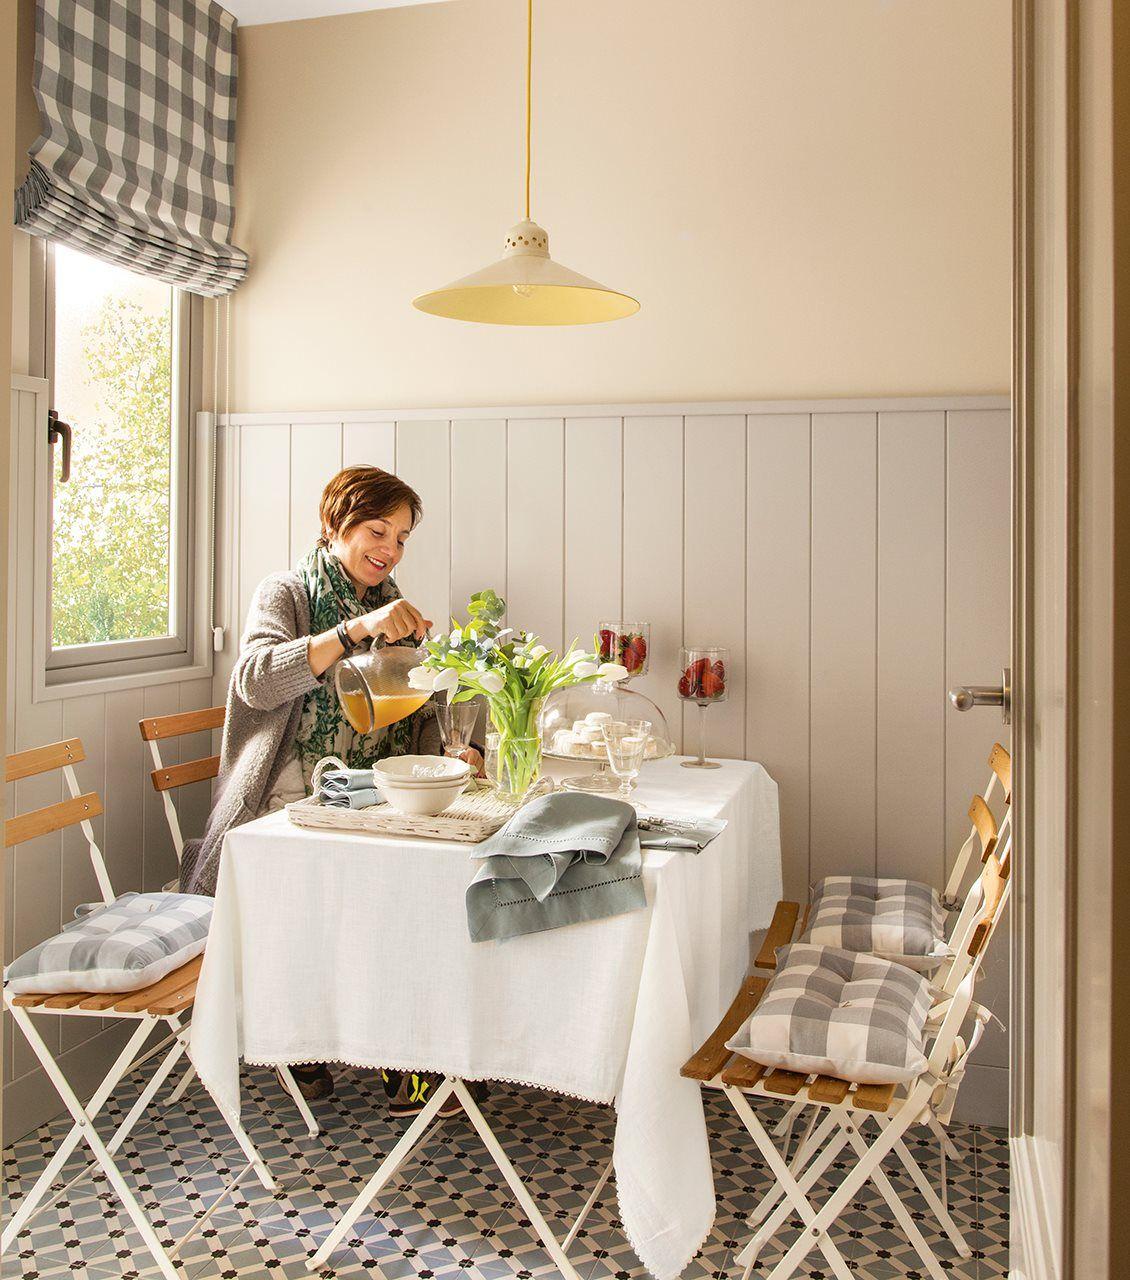 La Cocina M S Peque A El Mueble Revista Pavimento Palau  # Muebles Hermanos Mora